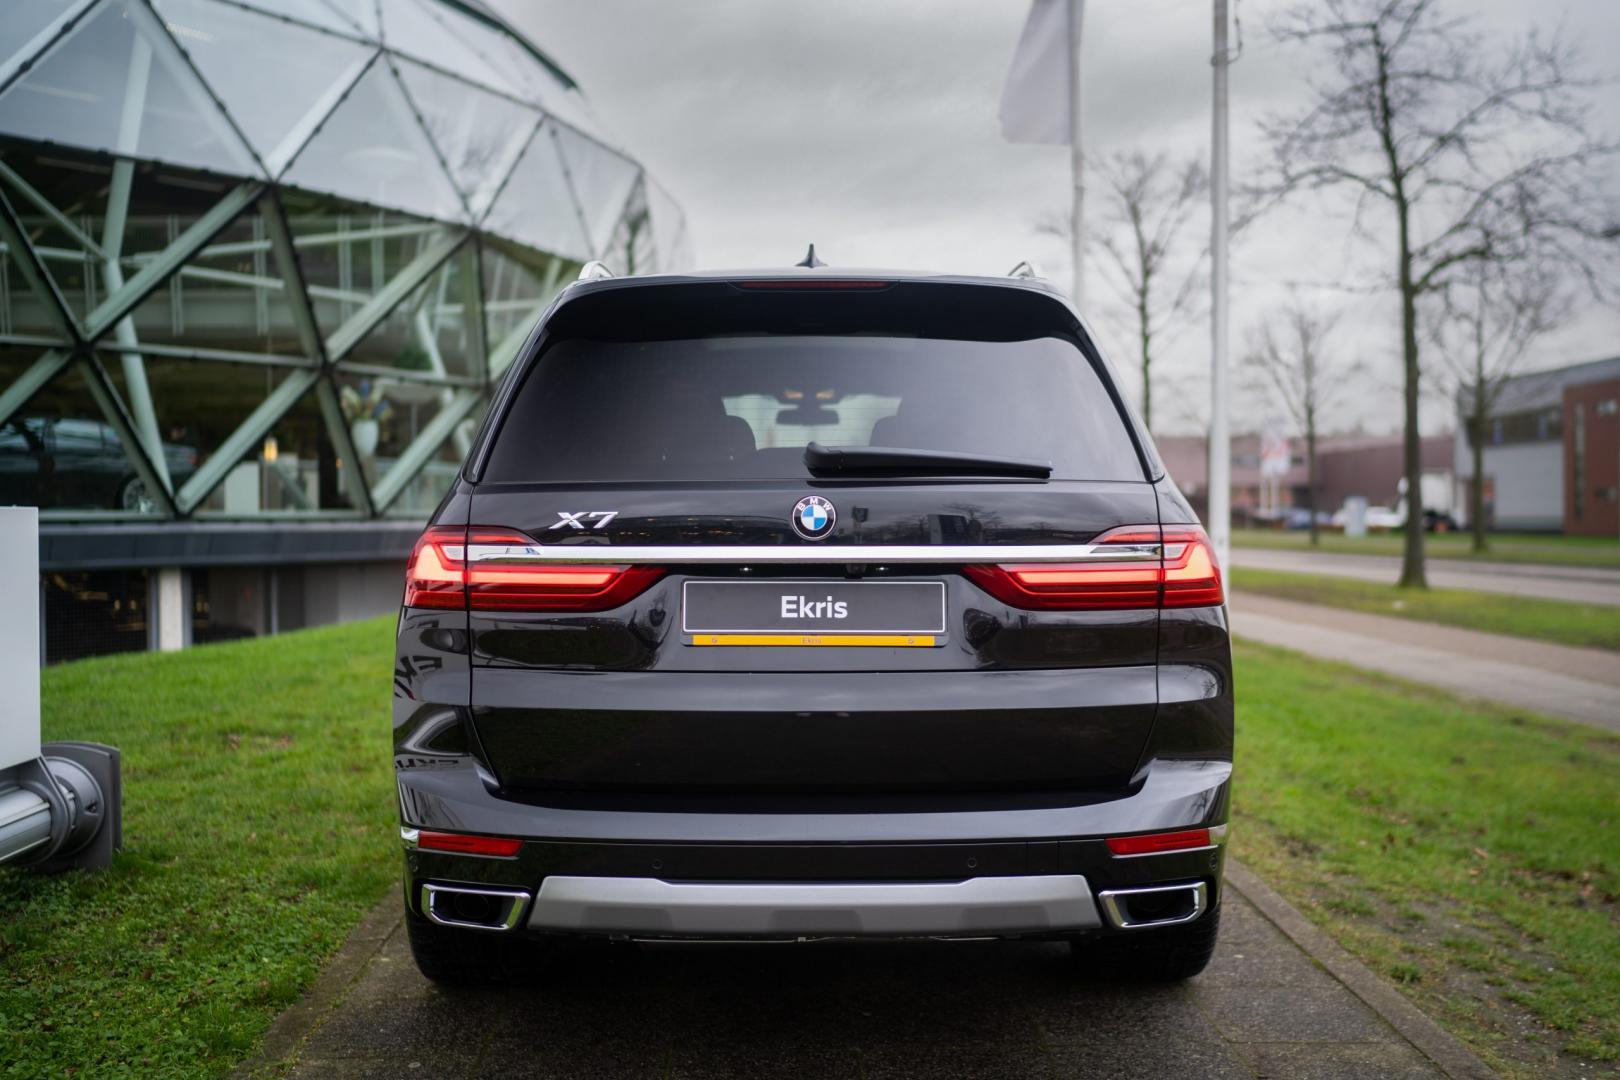 BMW X7 (30d) voor Rico Verhoeven